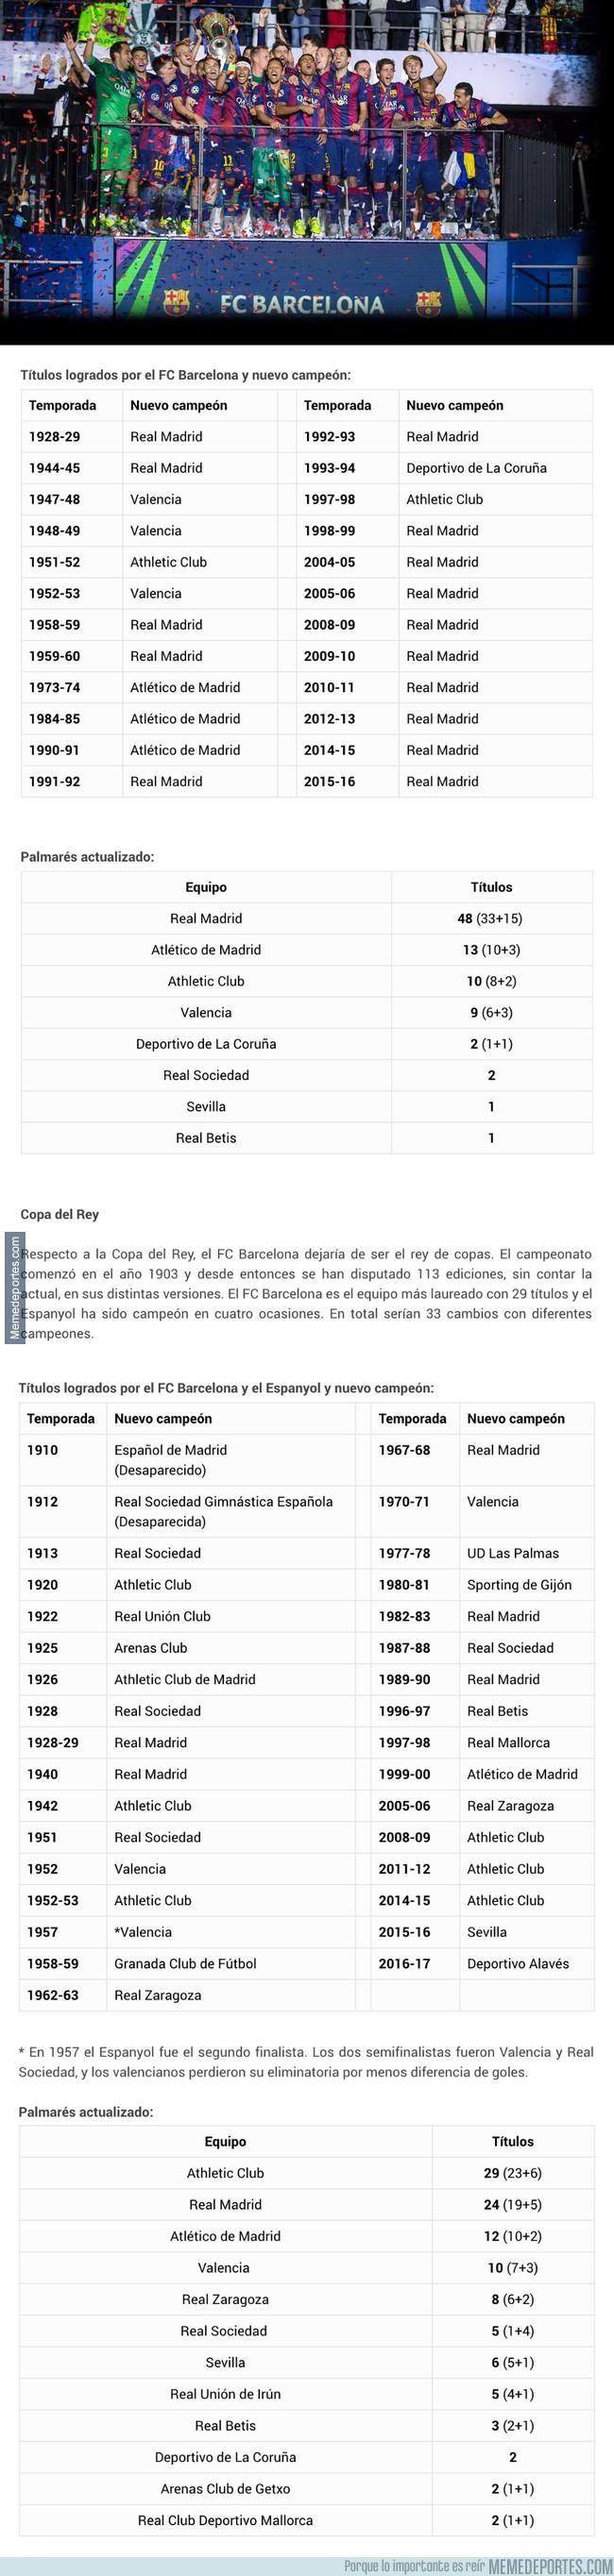 1002784 - Así sería el palmarés de LaLiga y la Copa del Rey sin los equipos catalanes